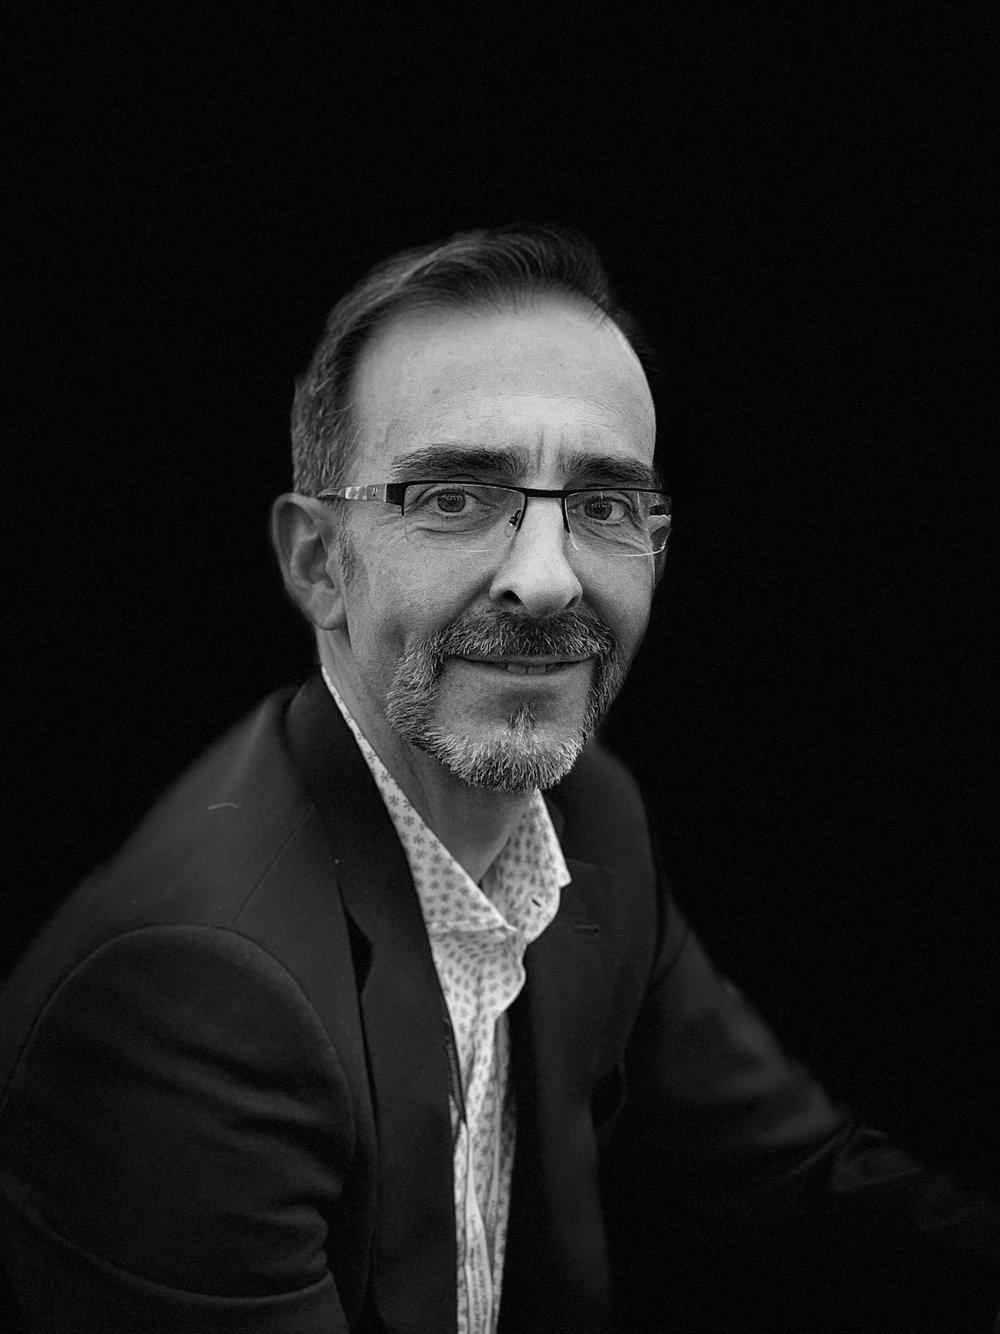 Alfonso Escamez   Fundador del proyectoATEMPO Collectors  – Tienda especializada en coleccionismo de relojes y relojería independiente  Comunicación, RRPP y organización de eventos. Sabe un montón de relojería, estilo de vida y coleccionismo.